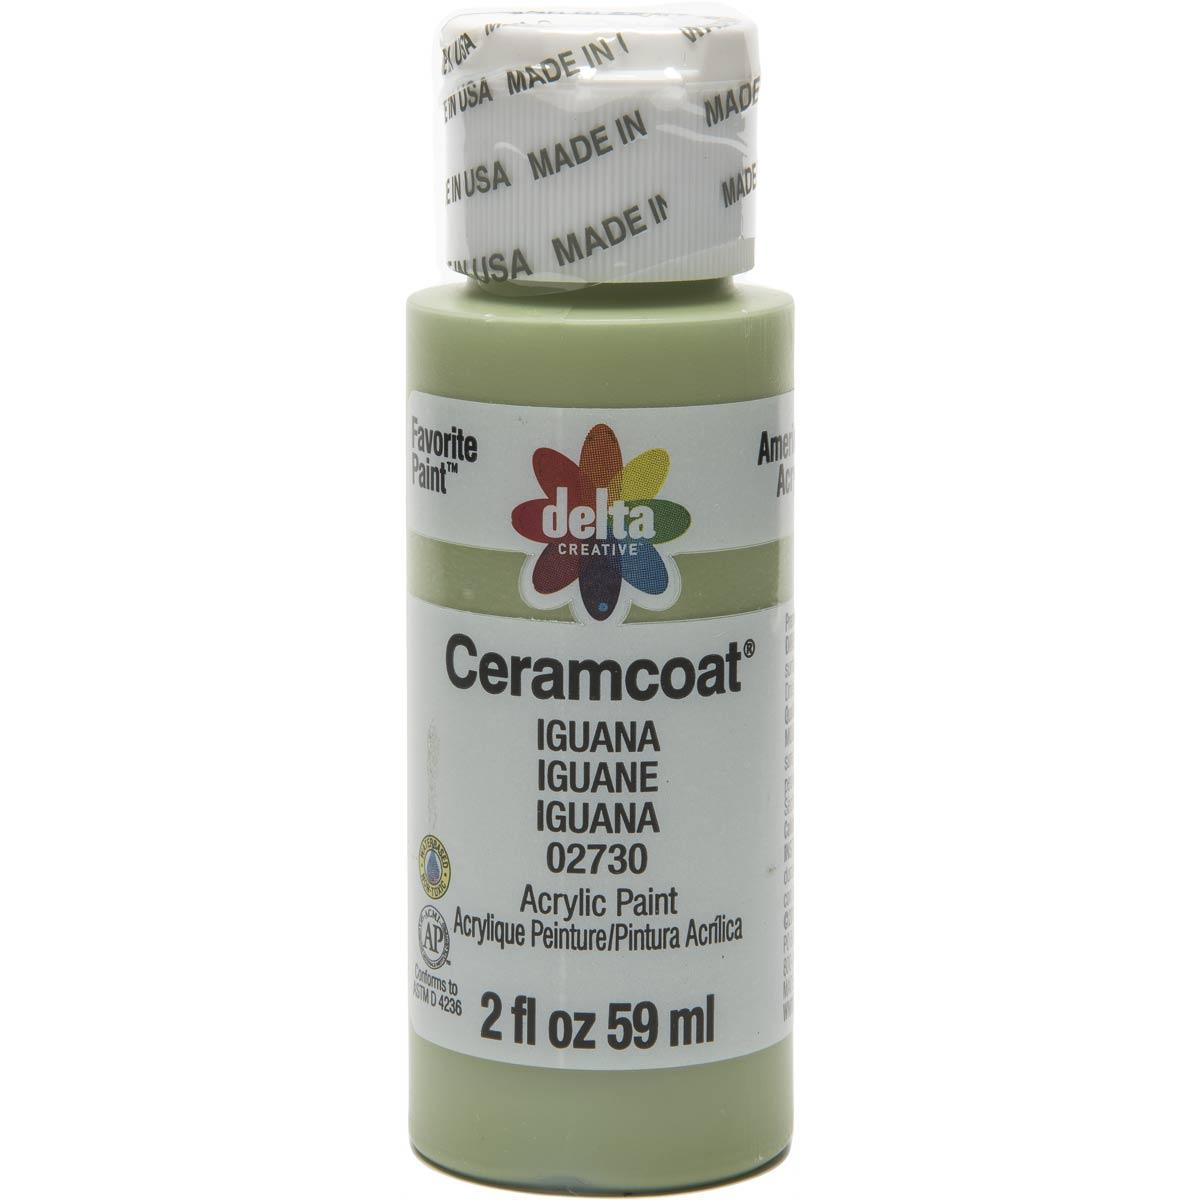 Delta Ceramcoat ® Acrylic Paint - Iguana, 2 oz. - 02730